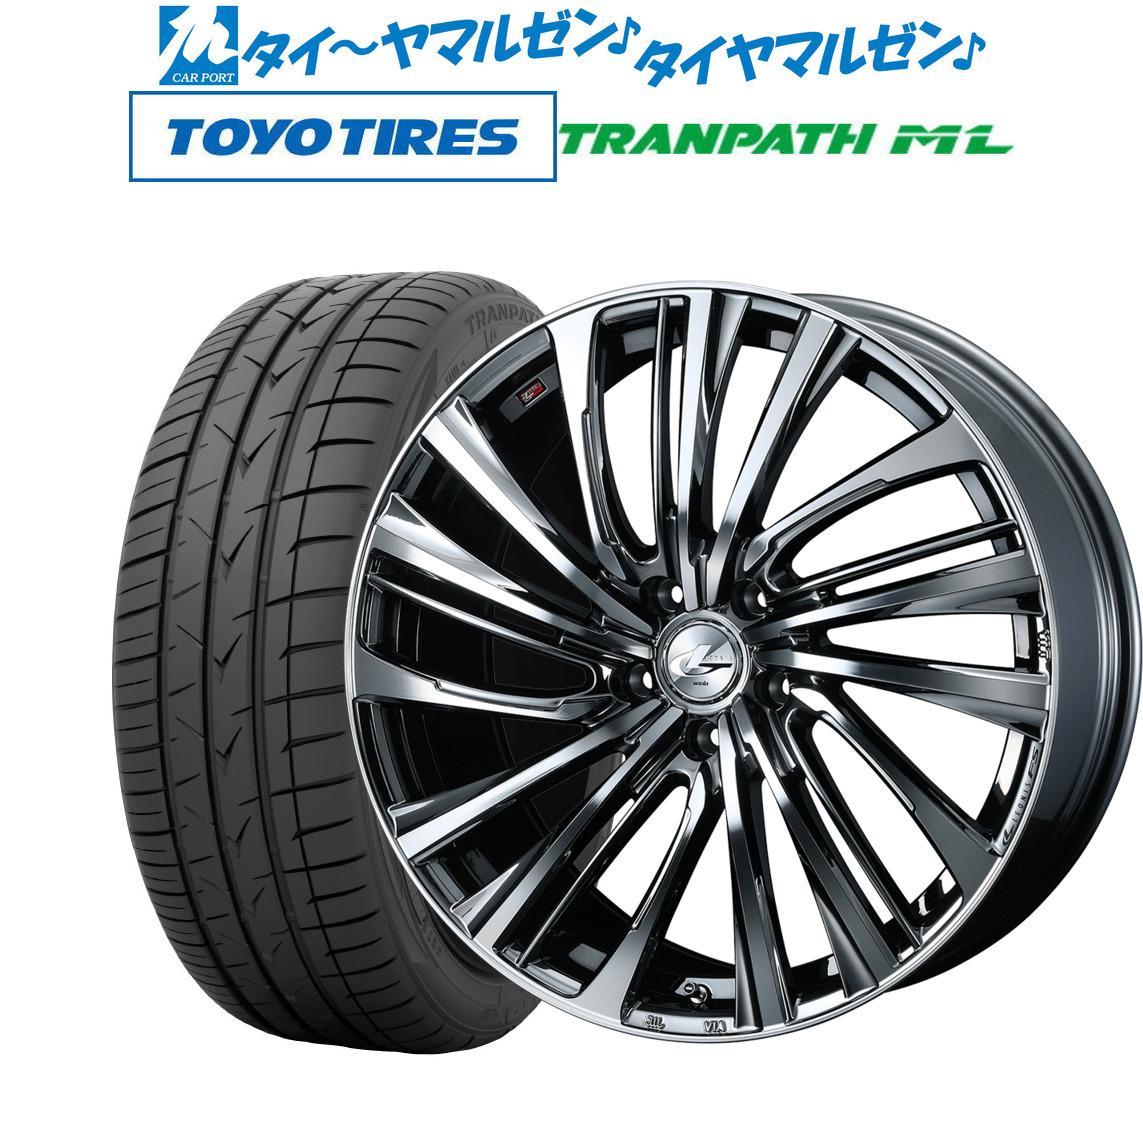 ファッション 新品 ML225/45R18・送料無料・4本セットウェッズ レオニス FSブラックメタリックコート/ミラーカット18インチ 8.0Jトーヨー トランパス 8.0Jトーヨー XL ML225/45R18 95W XL, COCOHEAD:d3a32a7e --- pavlekovic.hr